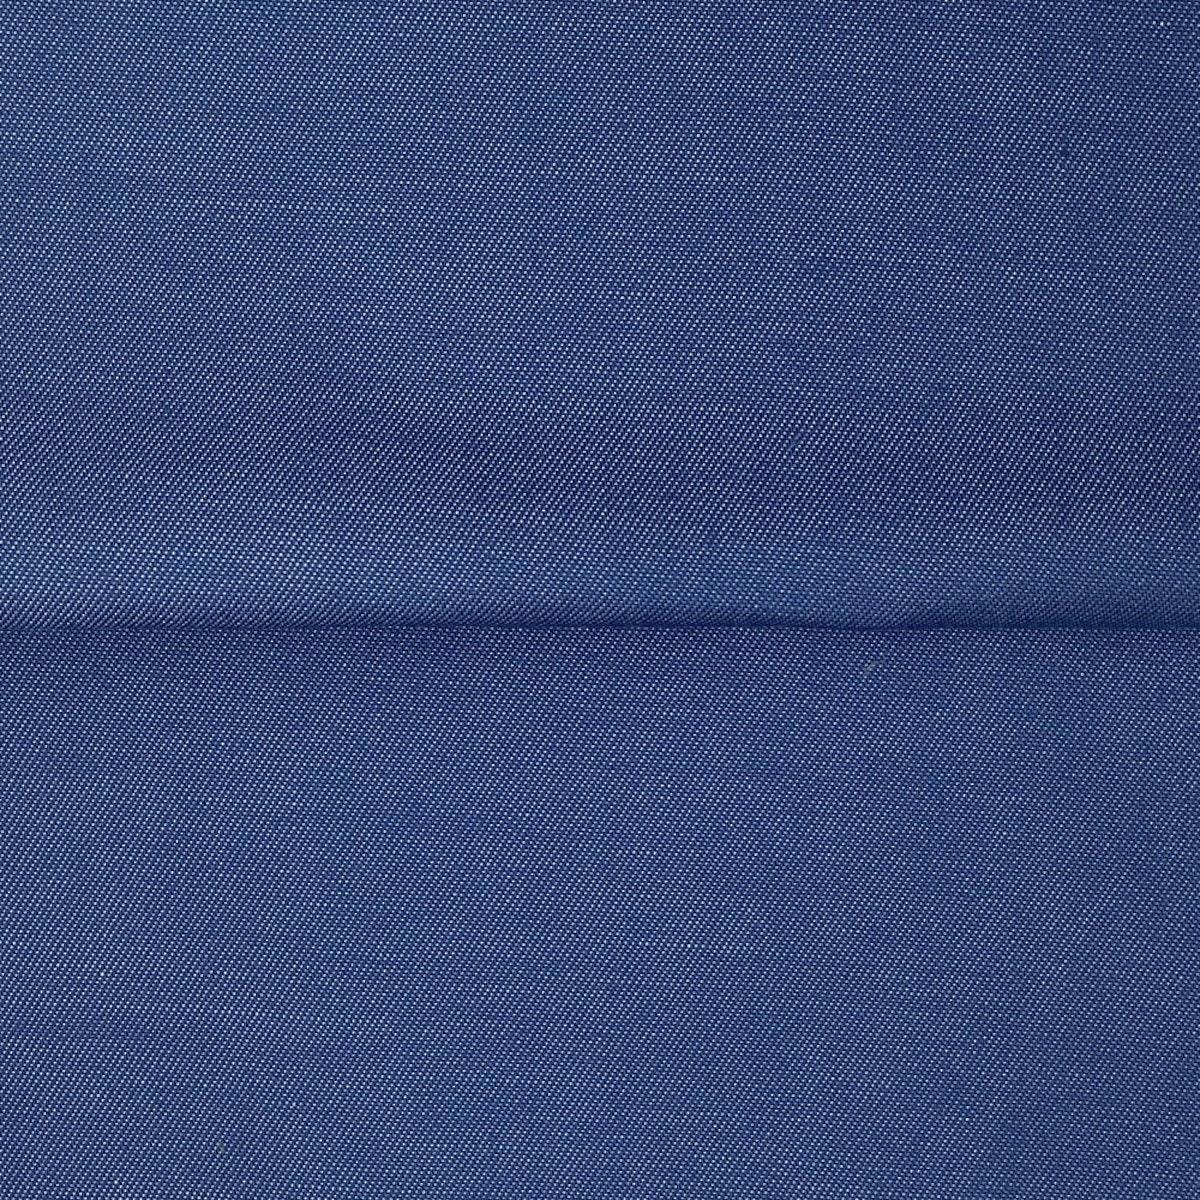 InStitchu Shirt Fabric 187